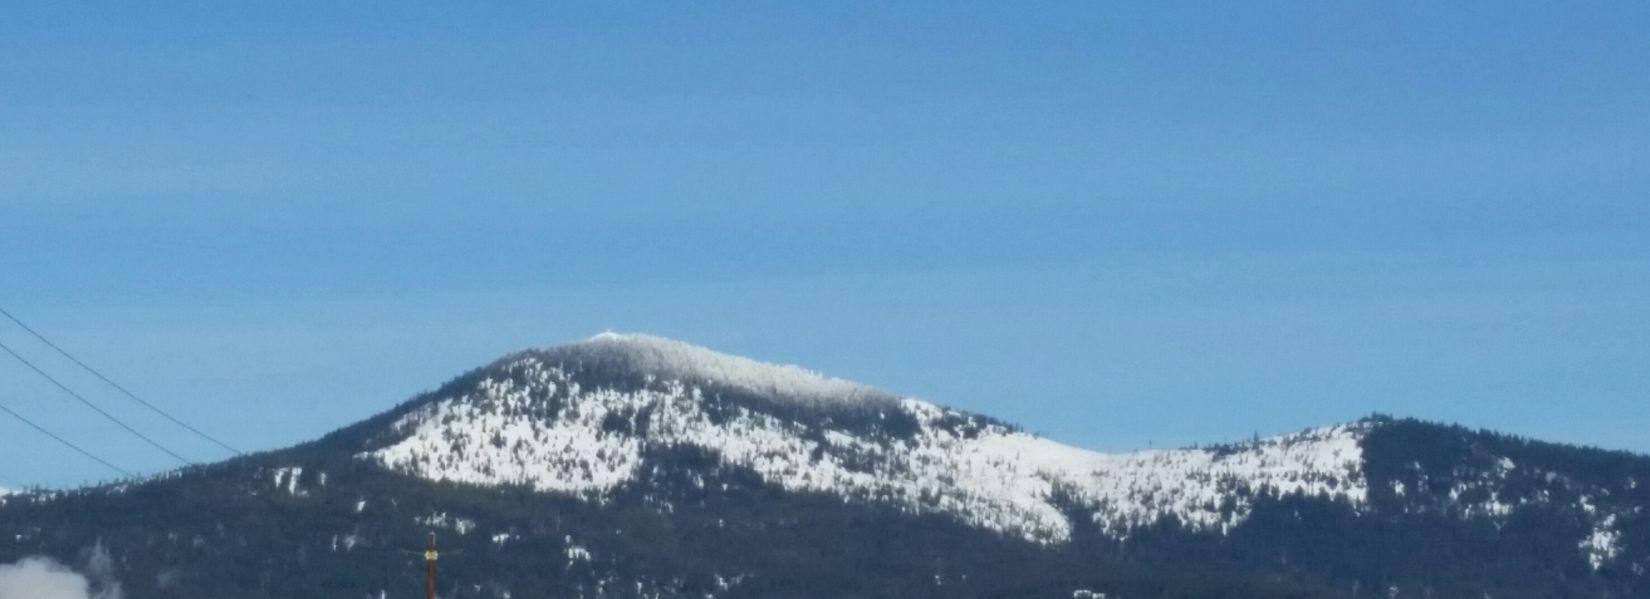 Happy Sunday Beautiful Day Idaho Idaho's Melting :) EyeEm Nature Lover